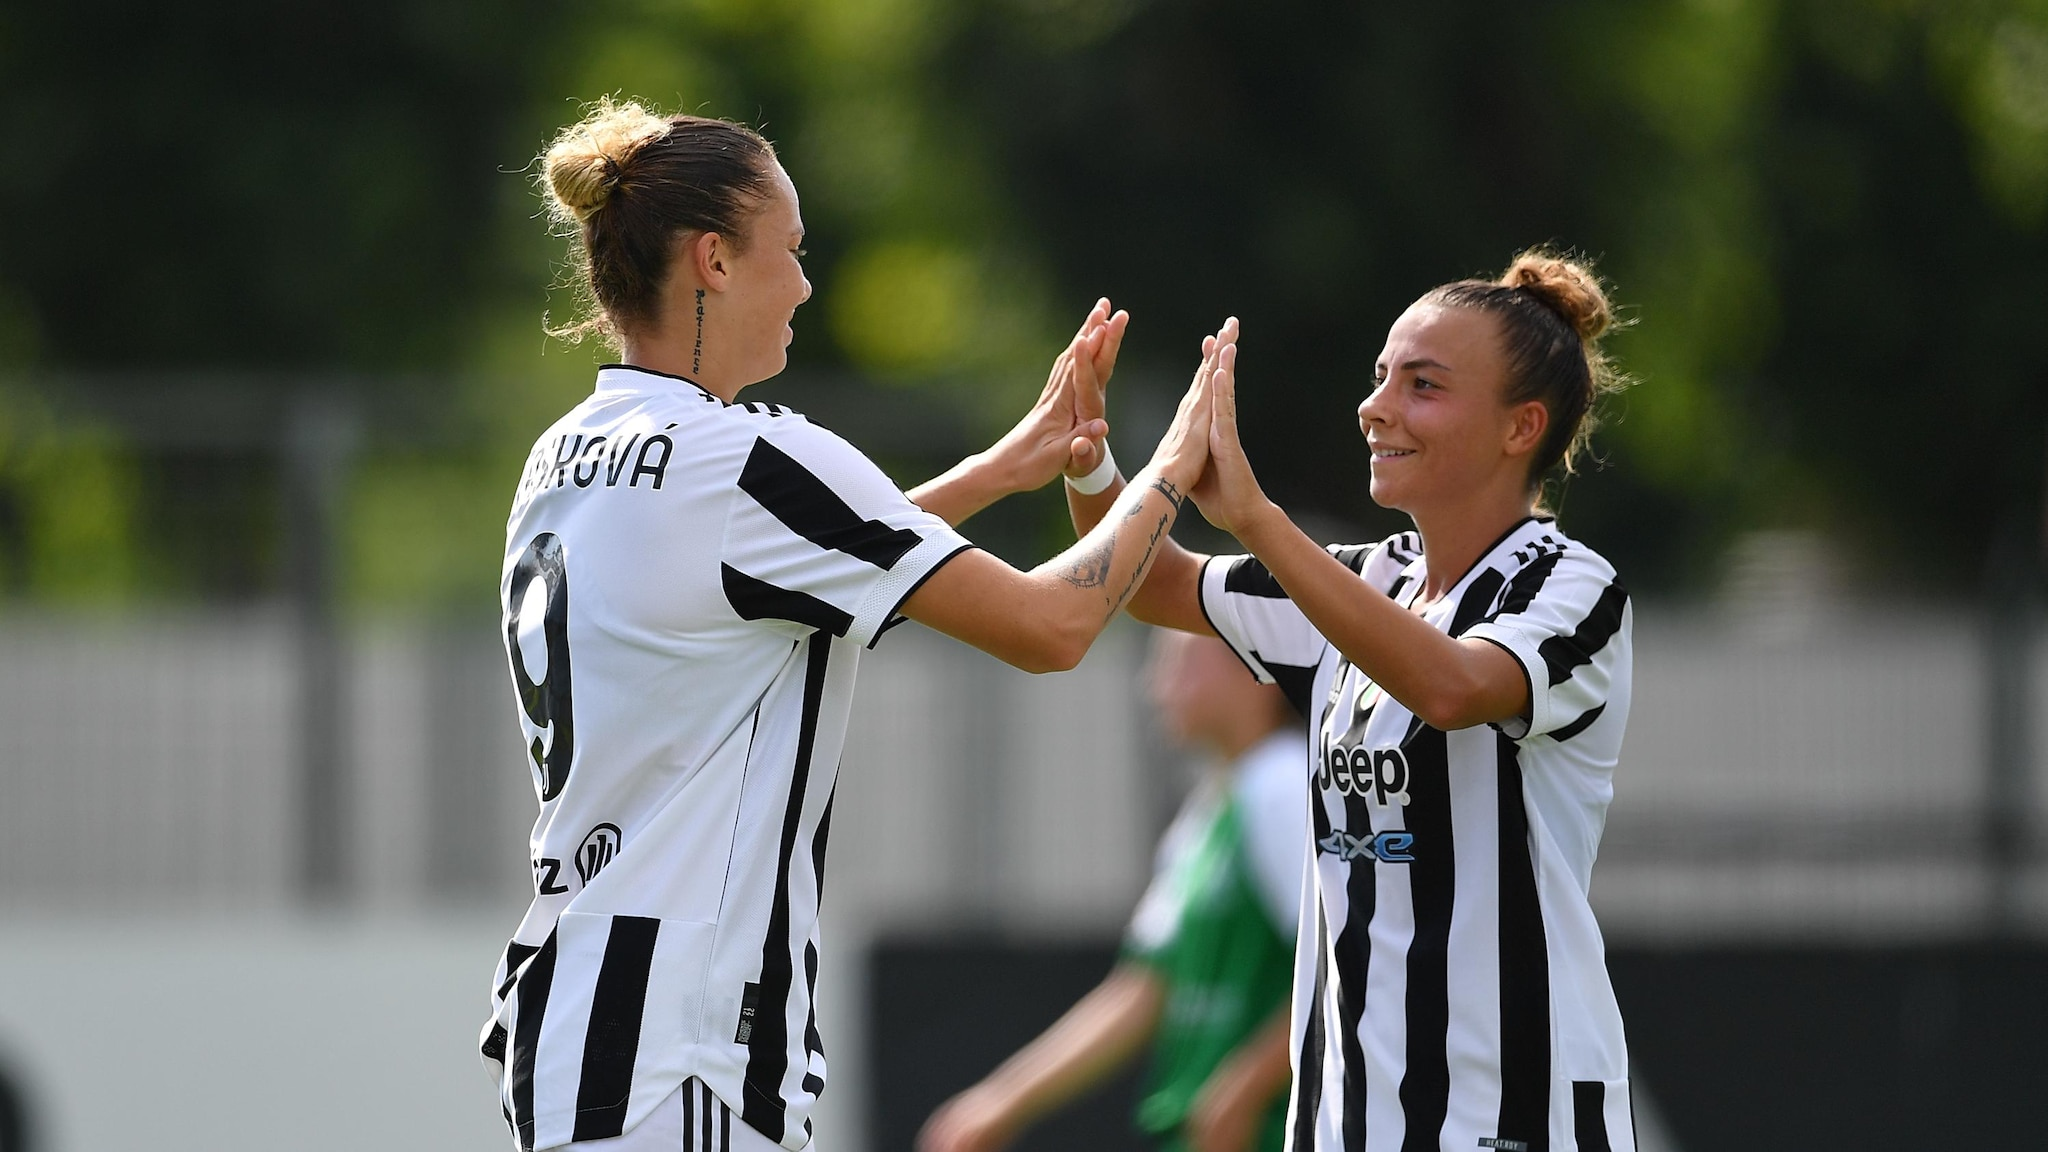 Women's Champions League round 1 finals set